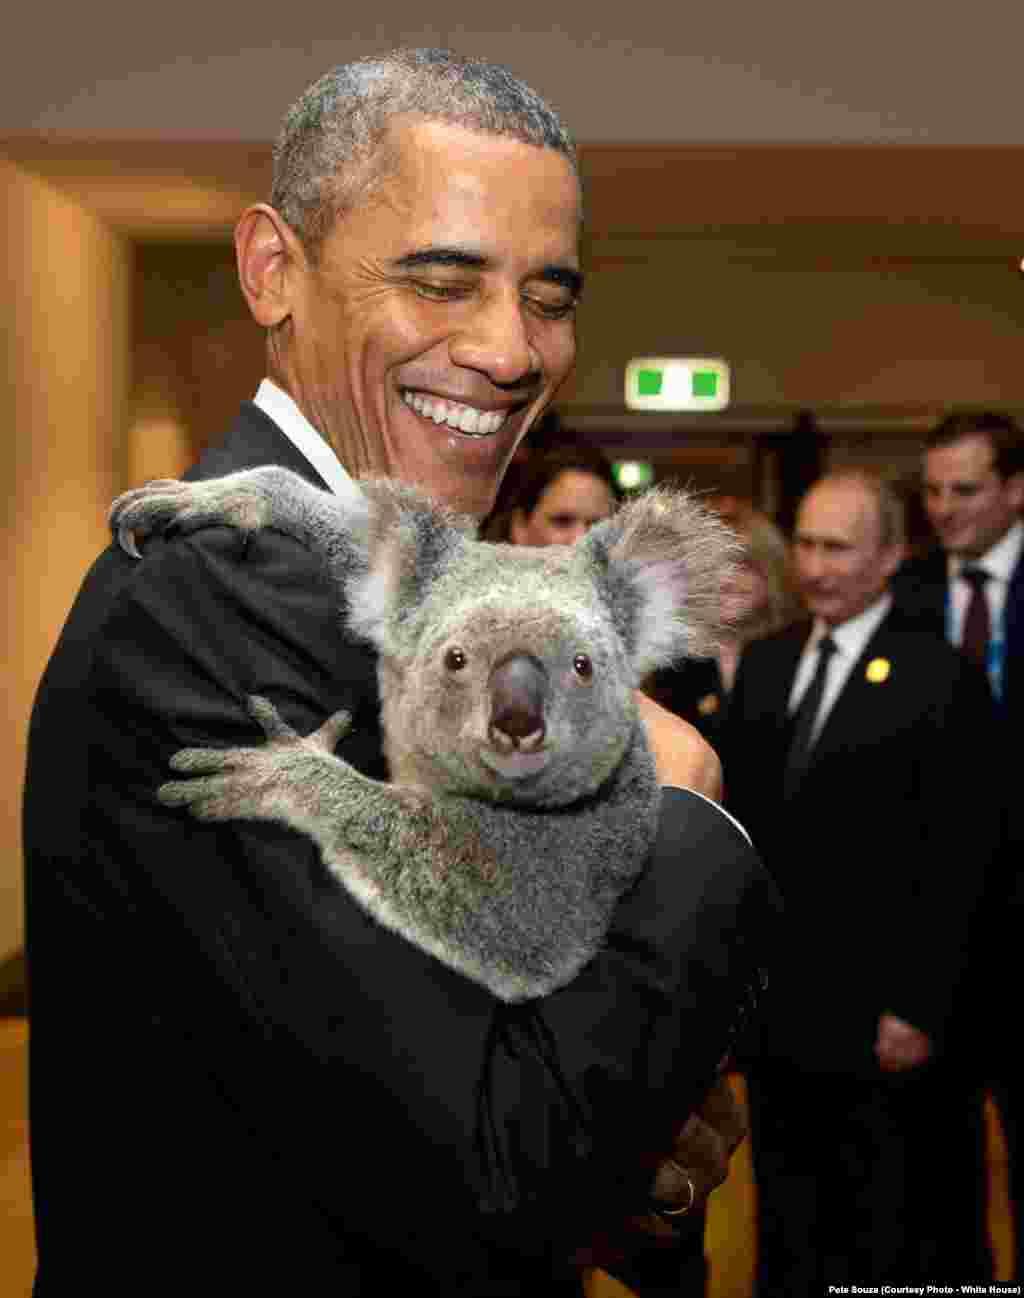 Le président prend dans ses bras un Koala lors de son passage pour le G20 en Australie, à Brisbane, le 19 novembre 2014.